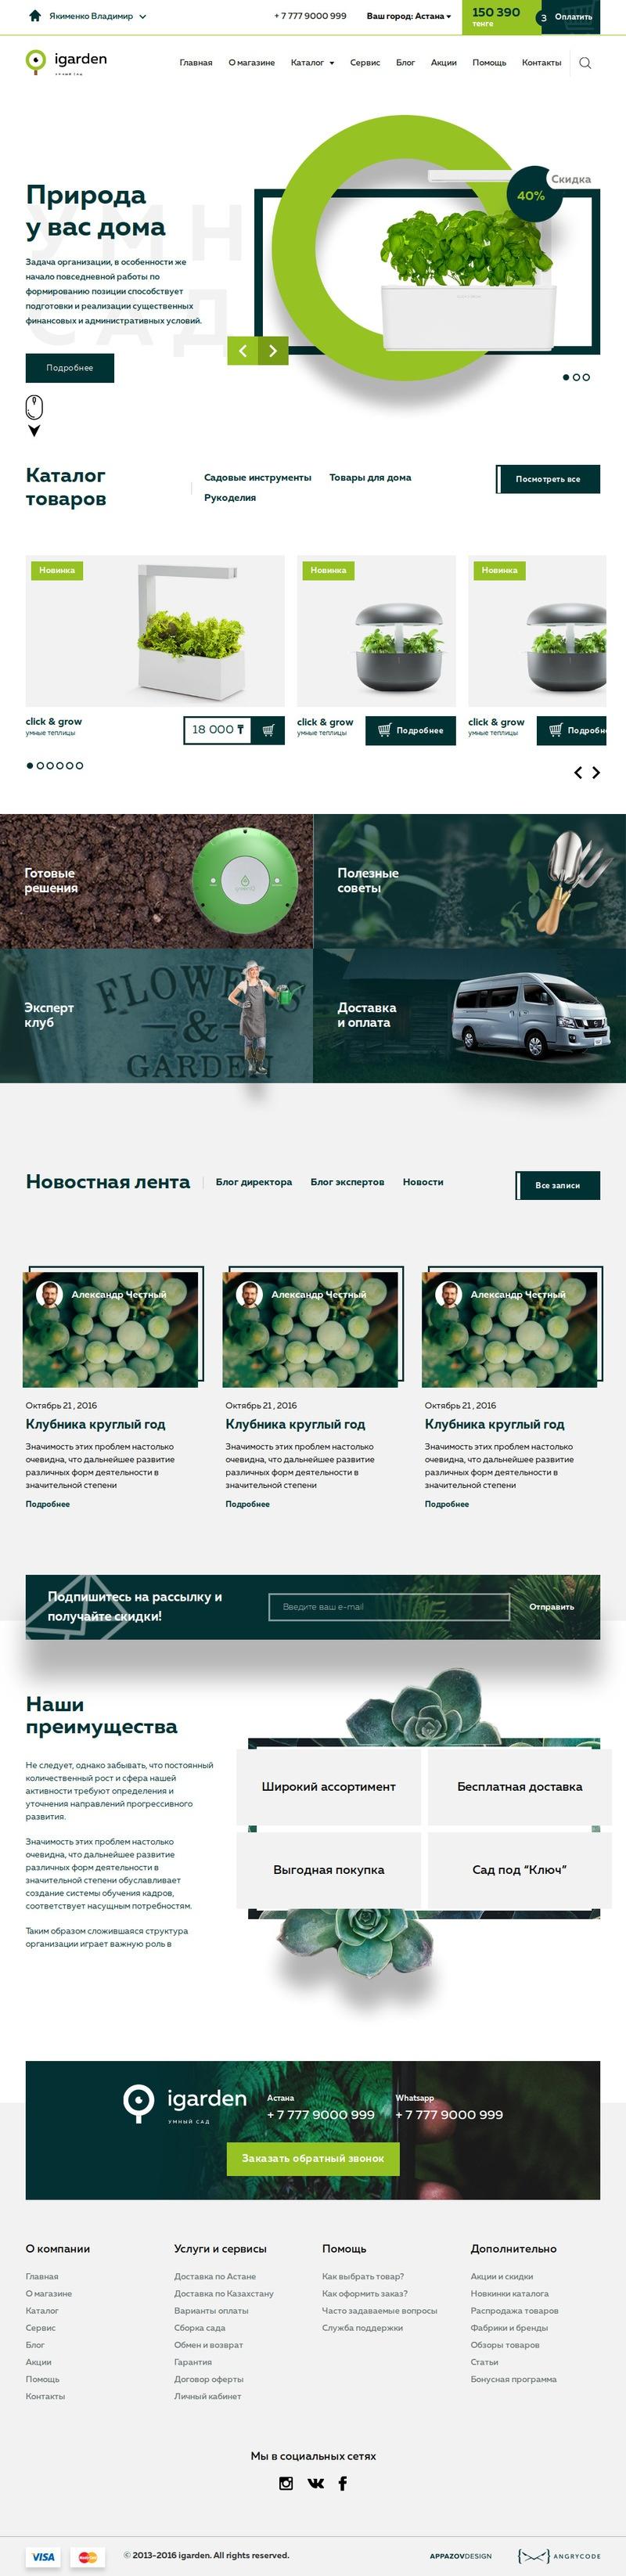 Интернет магазин садовых товаров